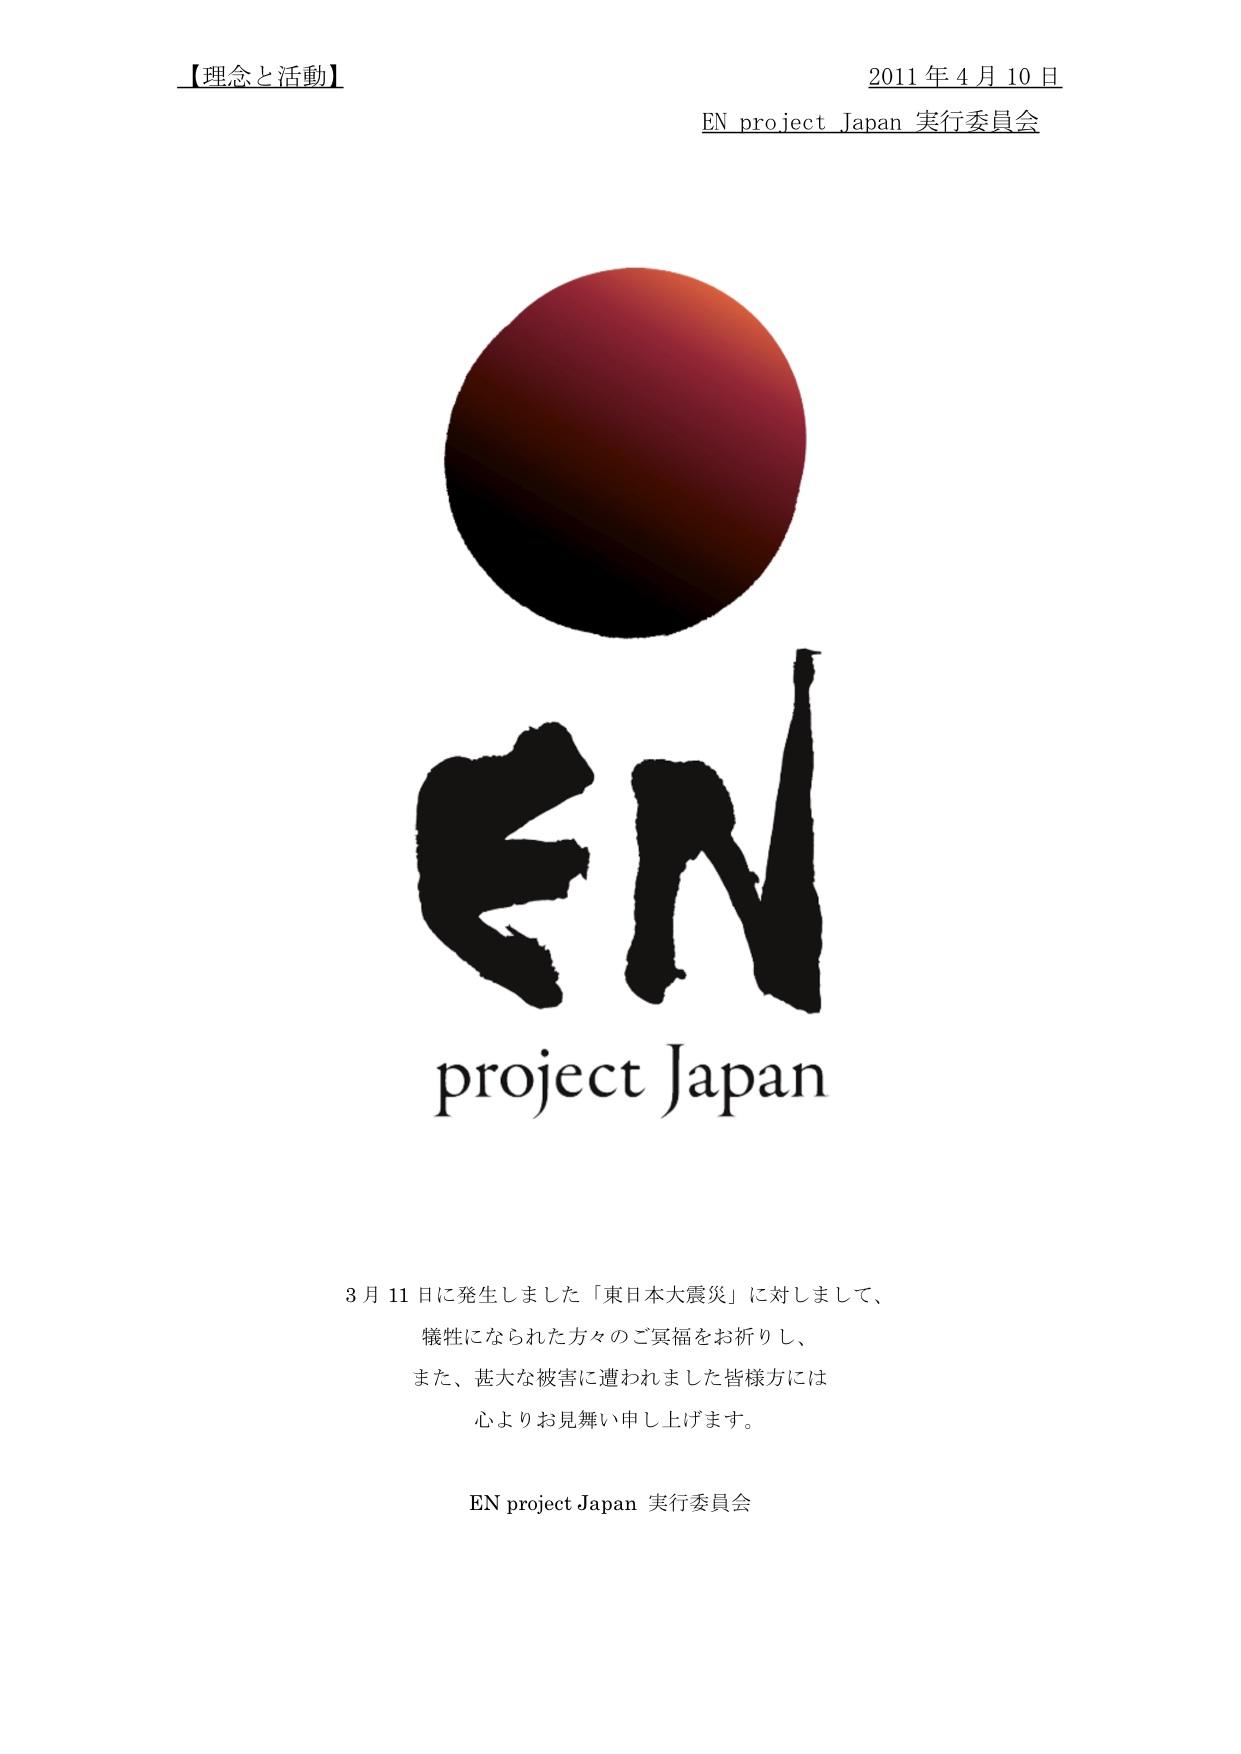 EN project Japan発足